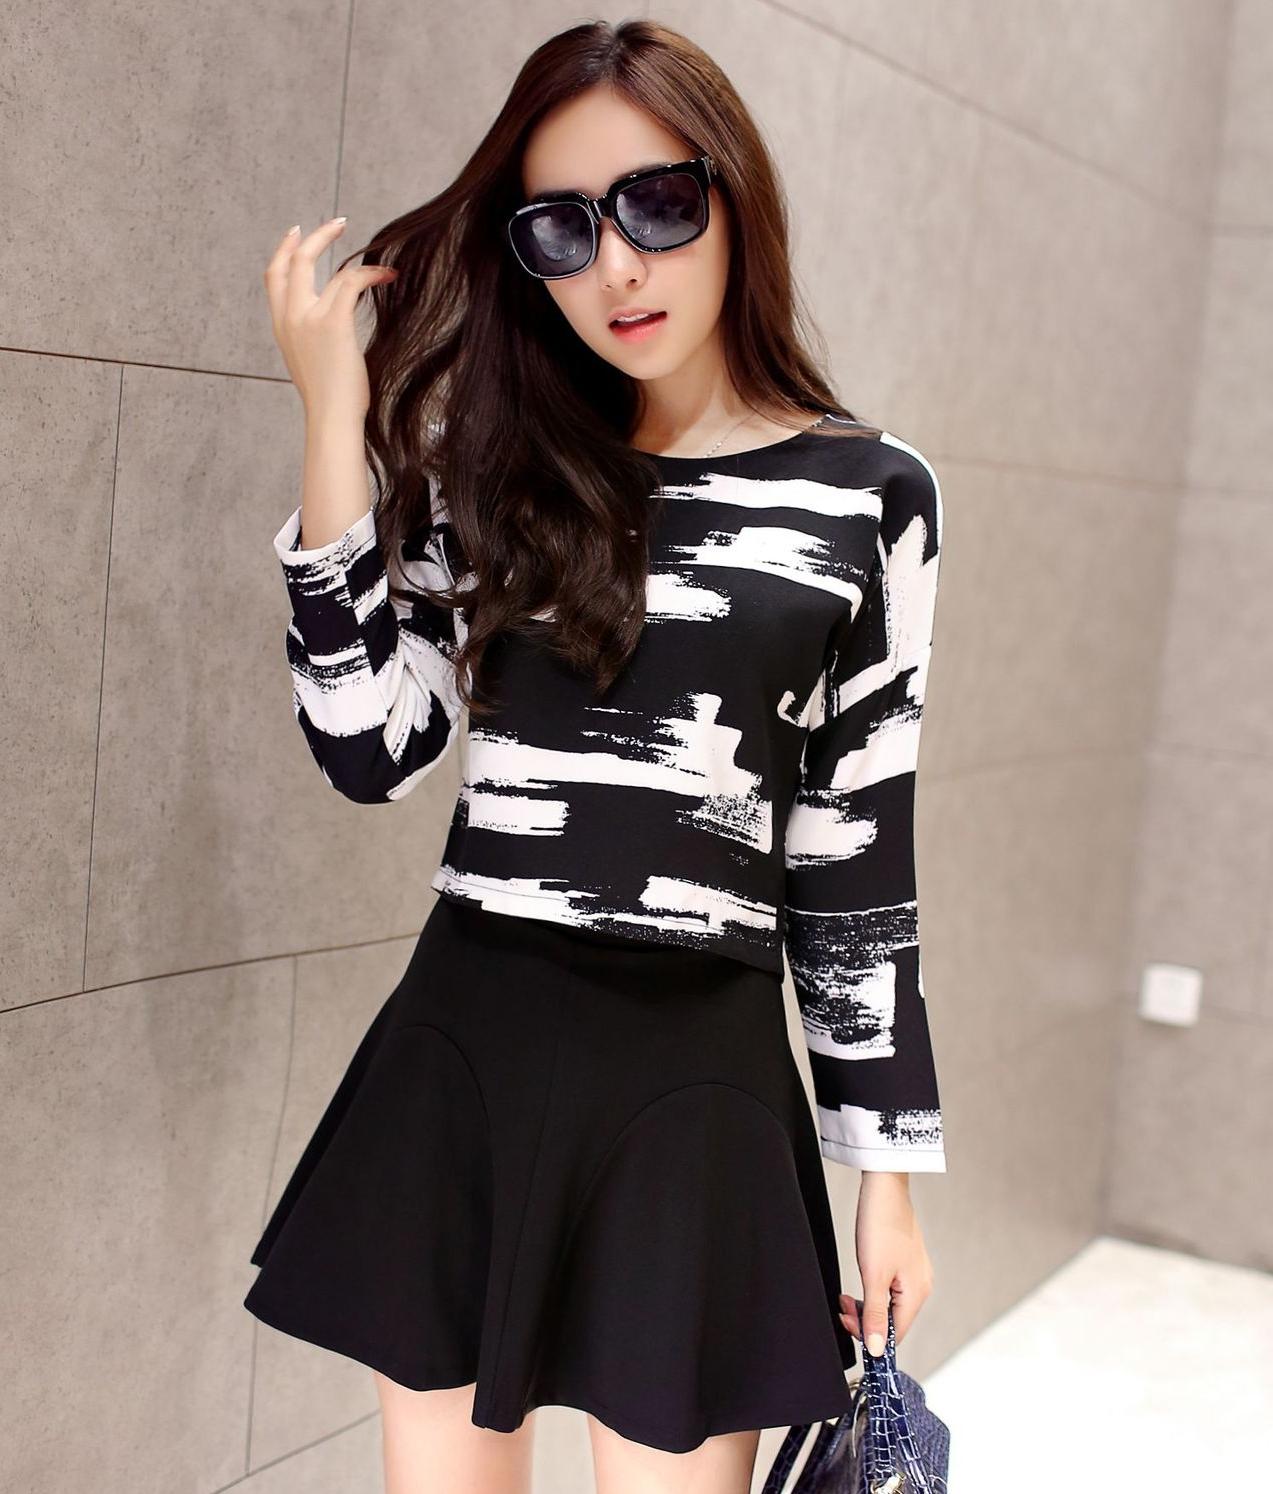 ชุดเซ็ทเสื้อ-กระโปรงโทนสีขาวดำ เสื้อครอปพิมพ์ลายแขนยาว + กระโปรงสั้นสีดำ ลุคเรียบหรู ดูดี